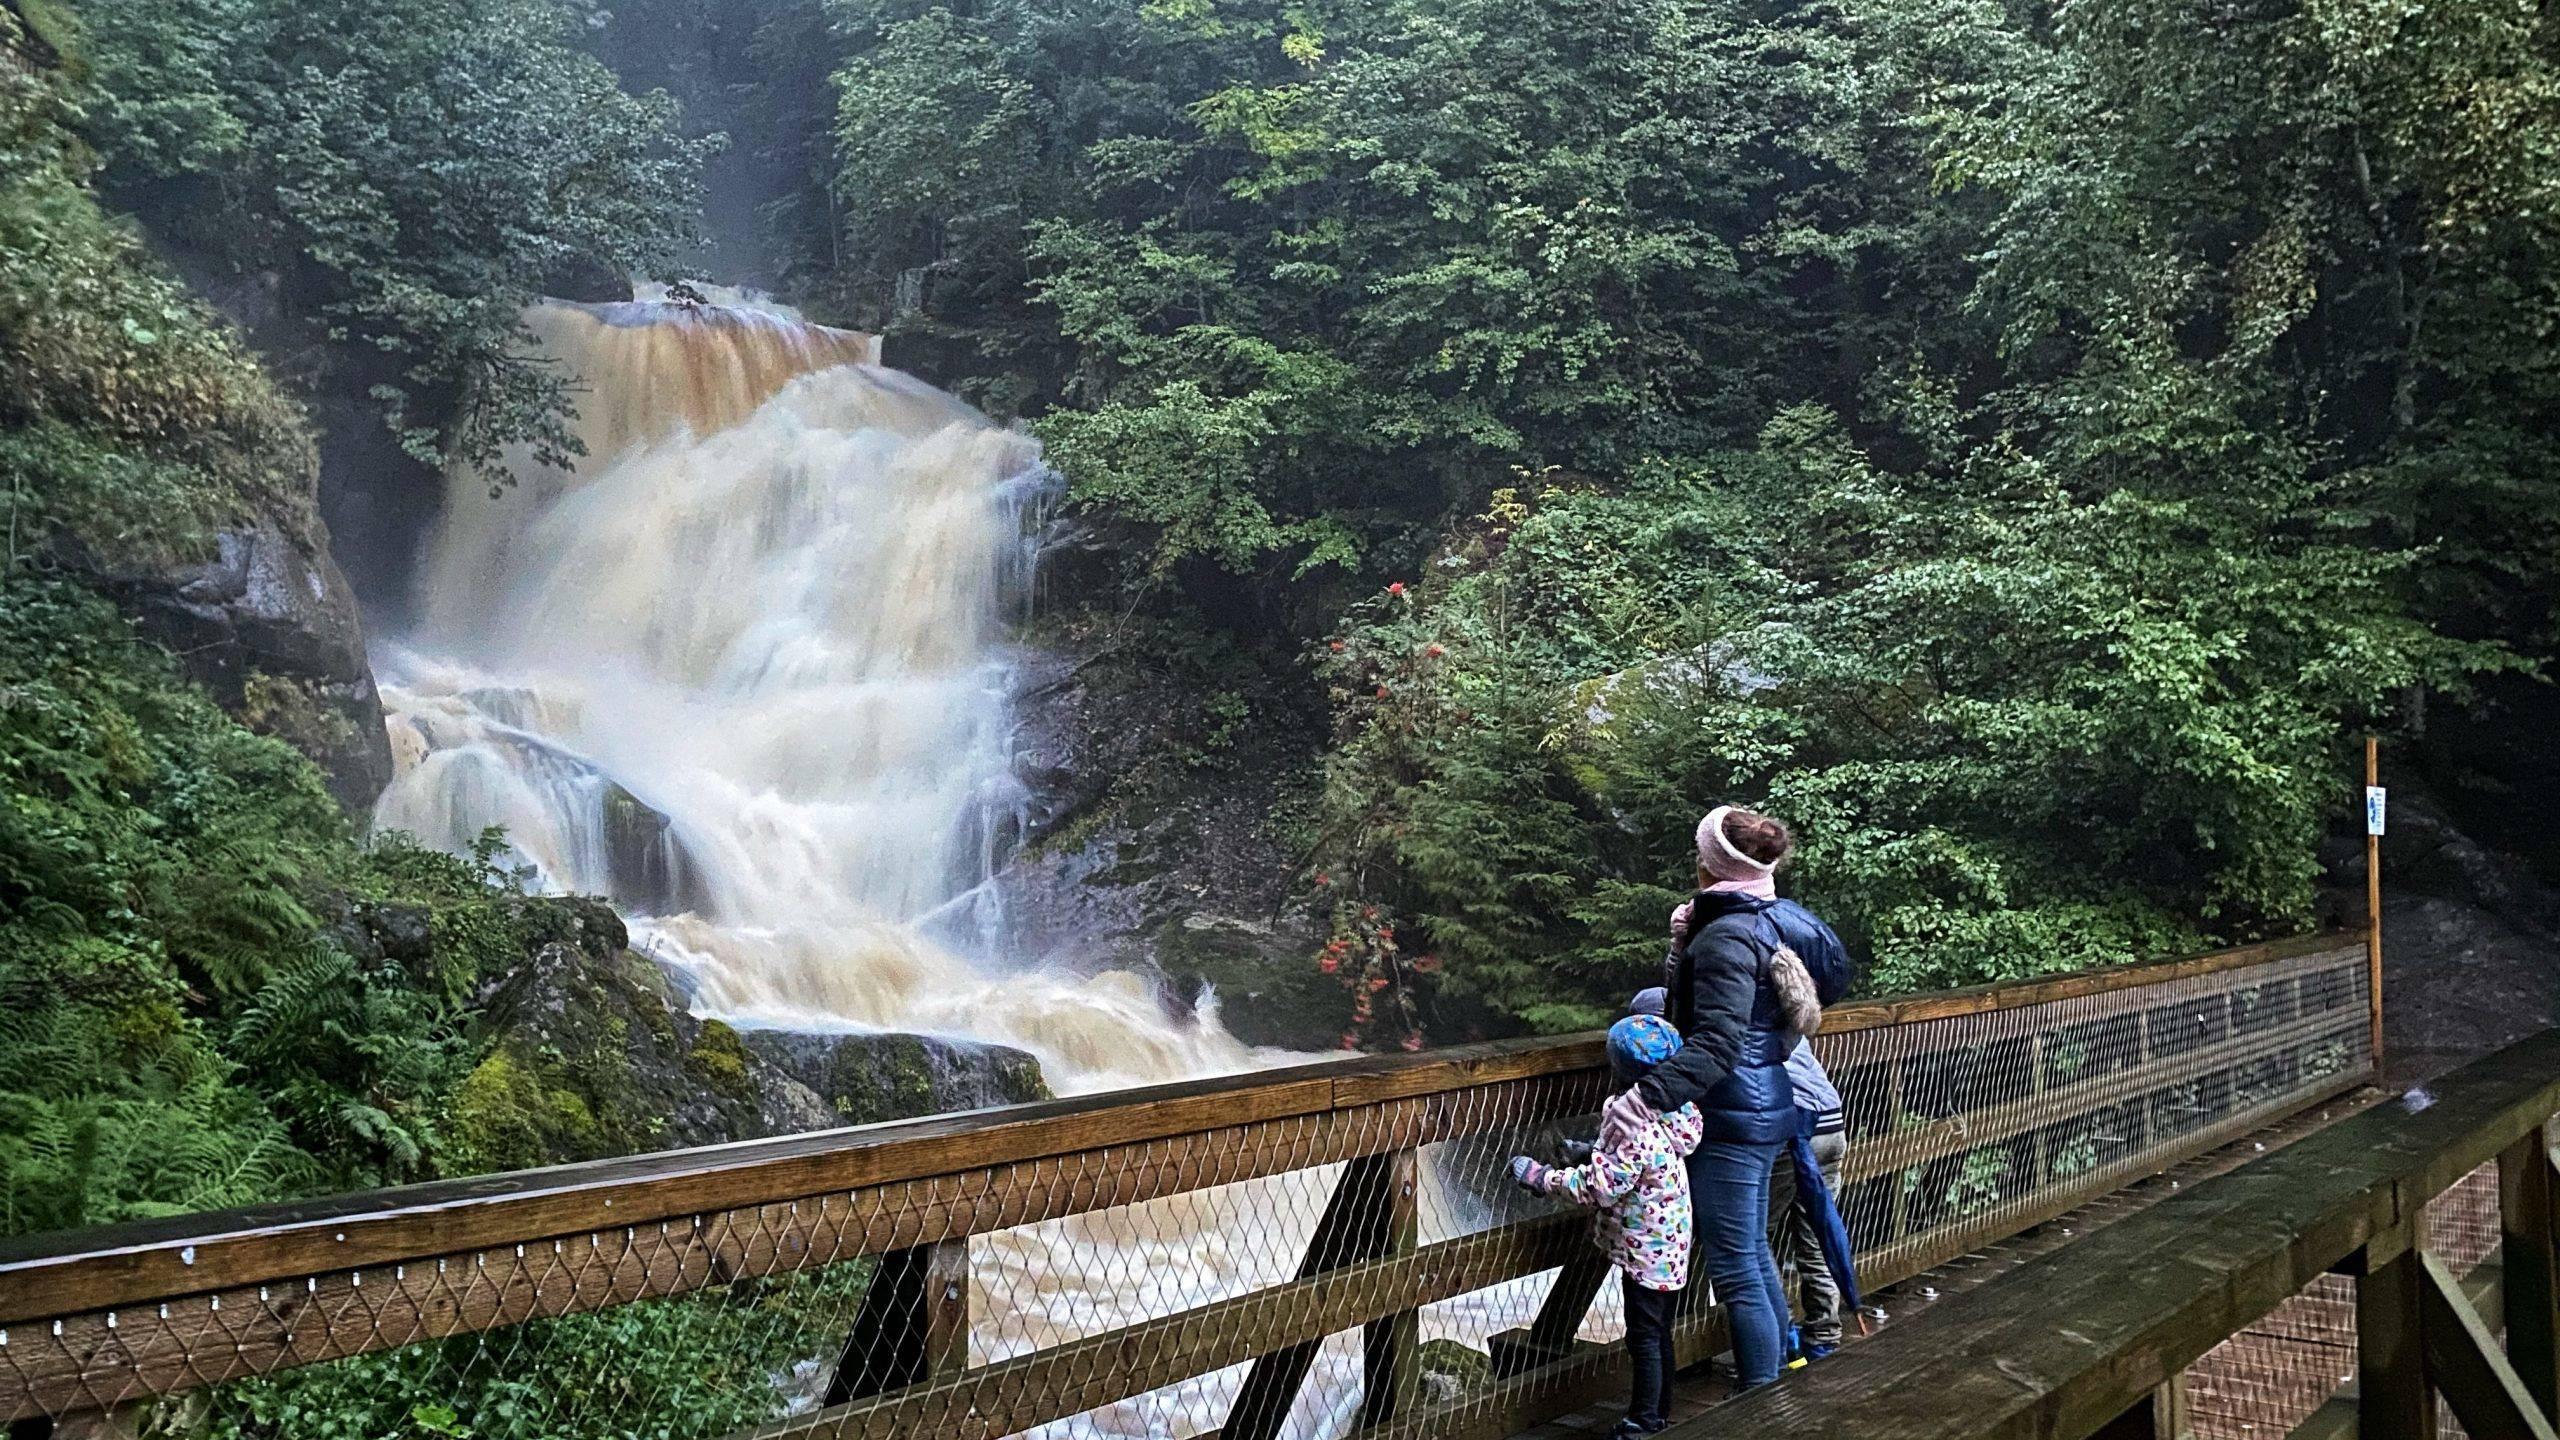 Triberger Wasserfälle im Schwarzwald – ein tosender Familienausflug für die ganze Familie